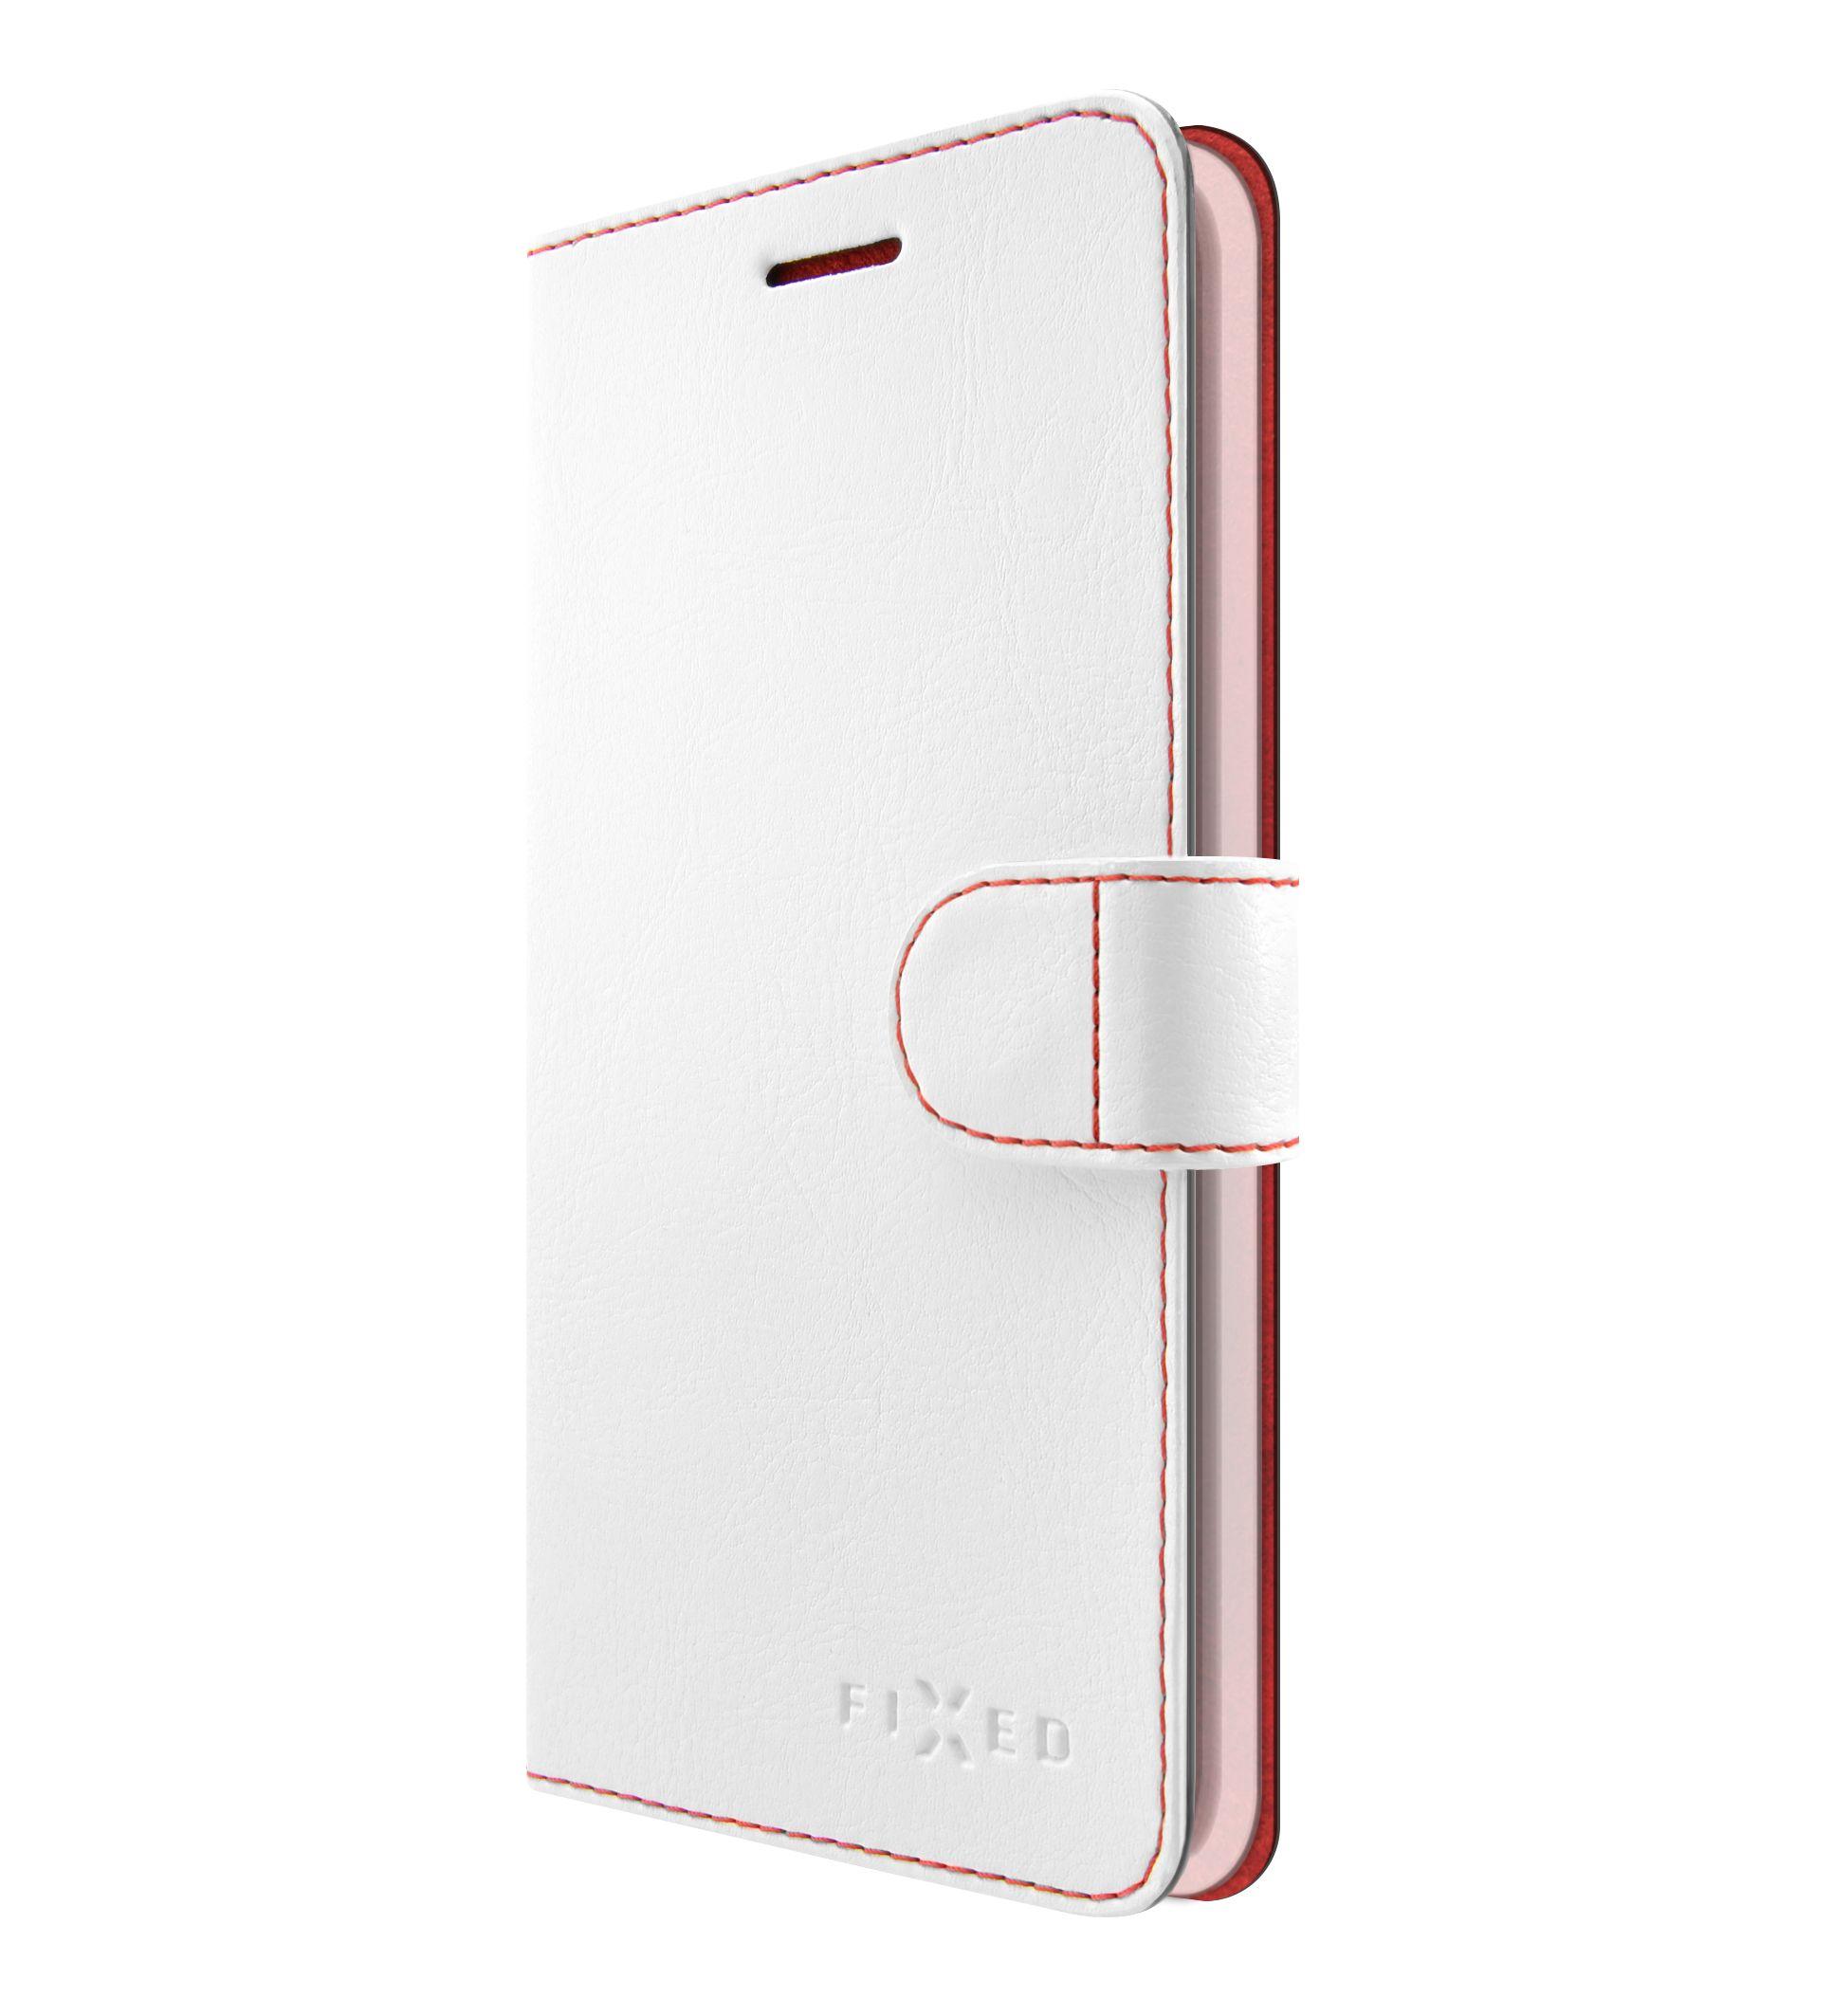 FIXED FIT flipové pouzdro pro Huawei Nova 3i, bílé